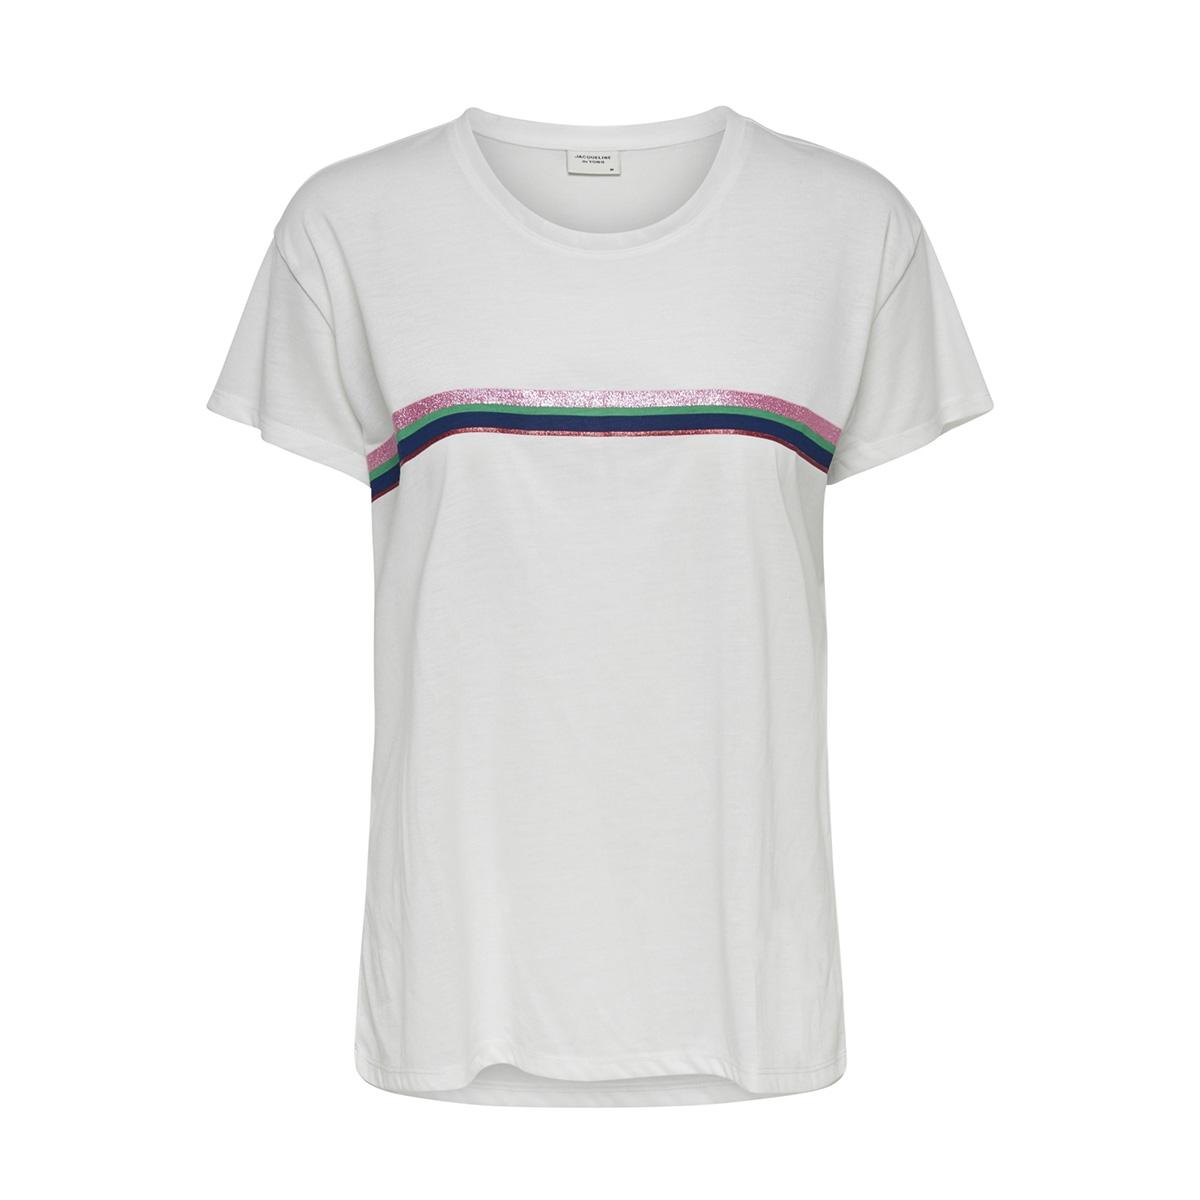 jdynixon s s print top 04 19 jrs 15176555 jacqueline de yong t-shirt cloud dancer/stripe